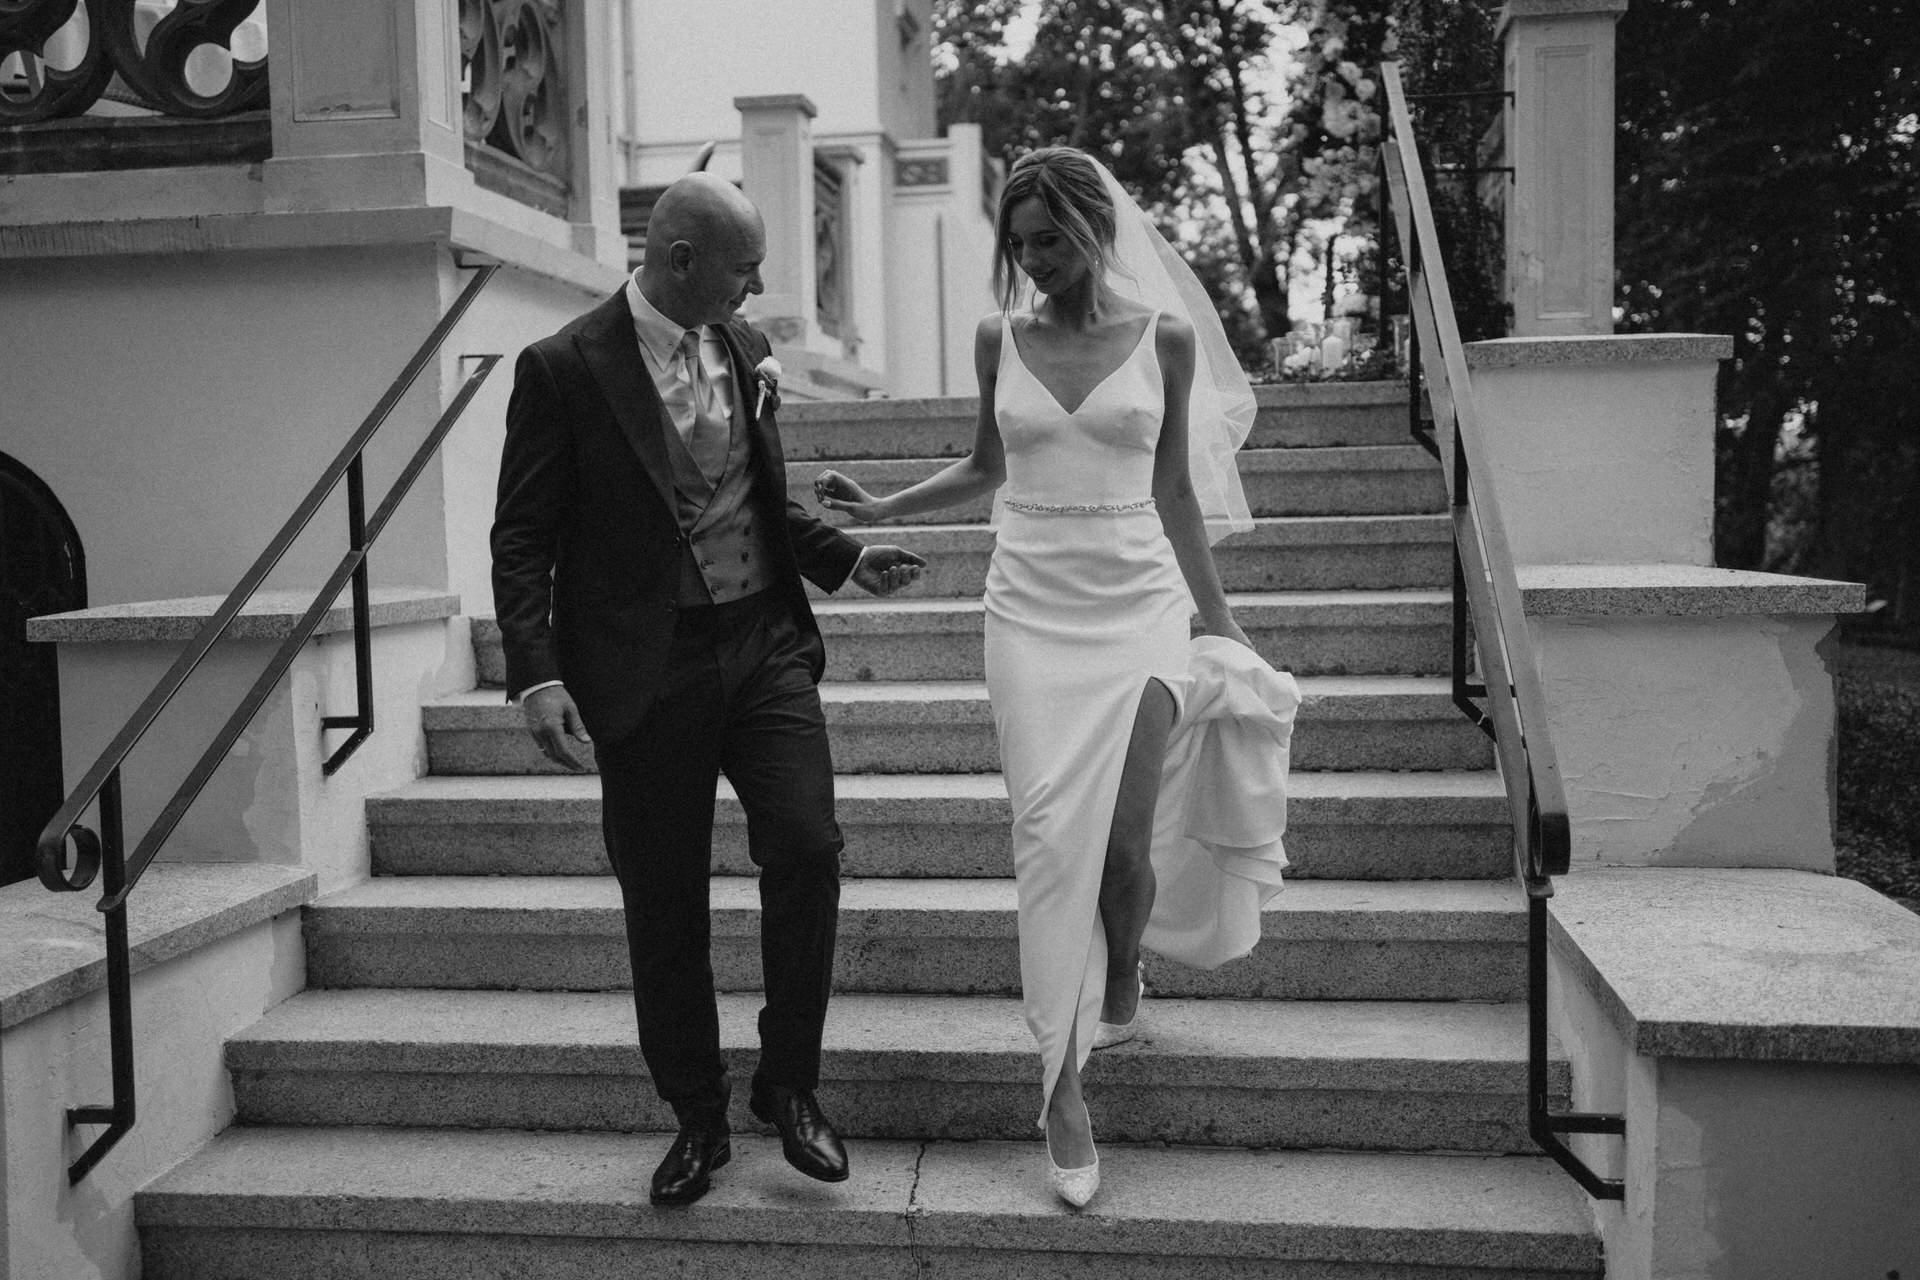 Gdzie szukać profesjonalnego fotografa ślubnego w Gorzowie Wielkopolskim?